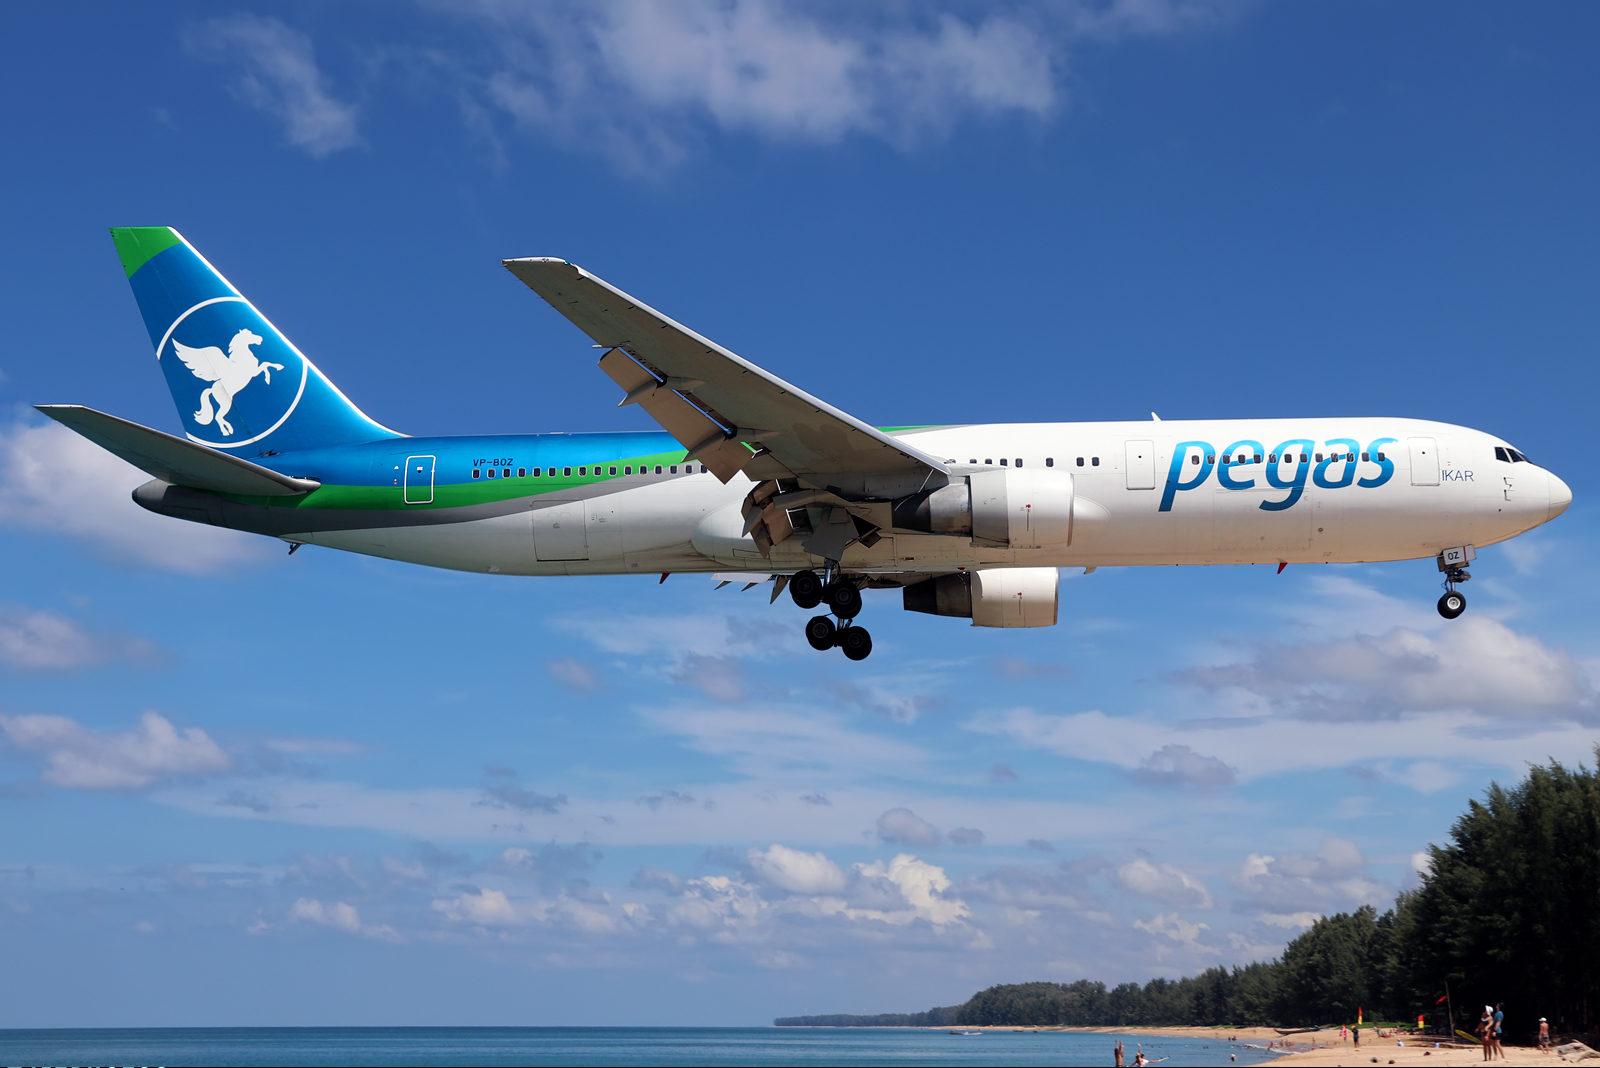 Авиакомпания Pegas Fly снова начала выполнять чартерные рейсы с аэропорта Петропавловска-Камчатского